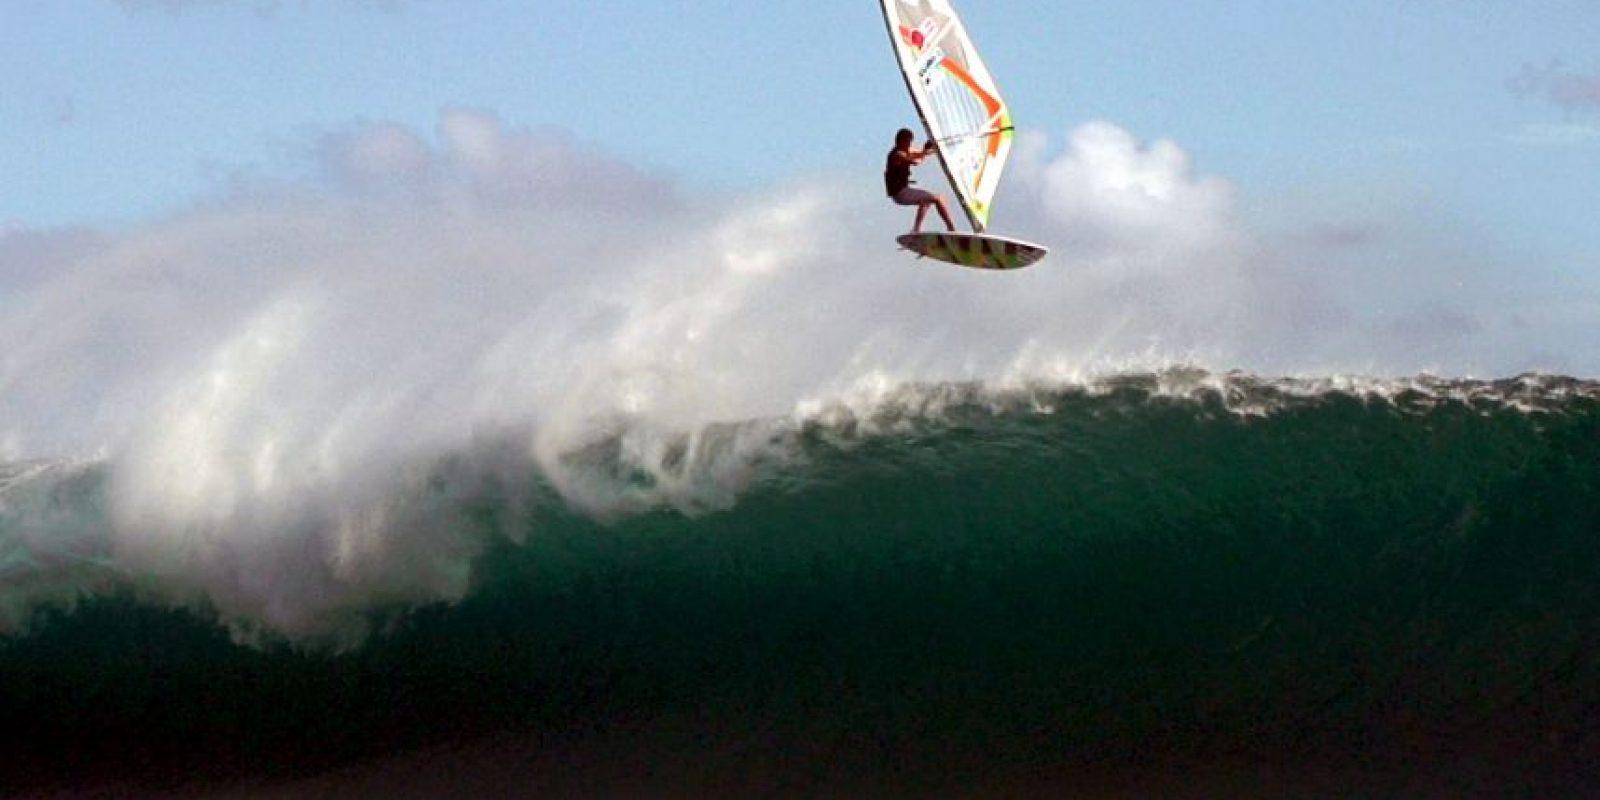 Y de qué manera. Tiene 21 años y es un practicante de windsurf de élite. Foto:vía Barcroft